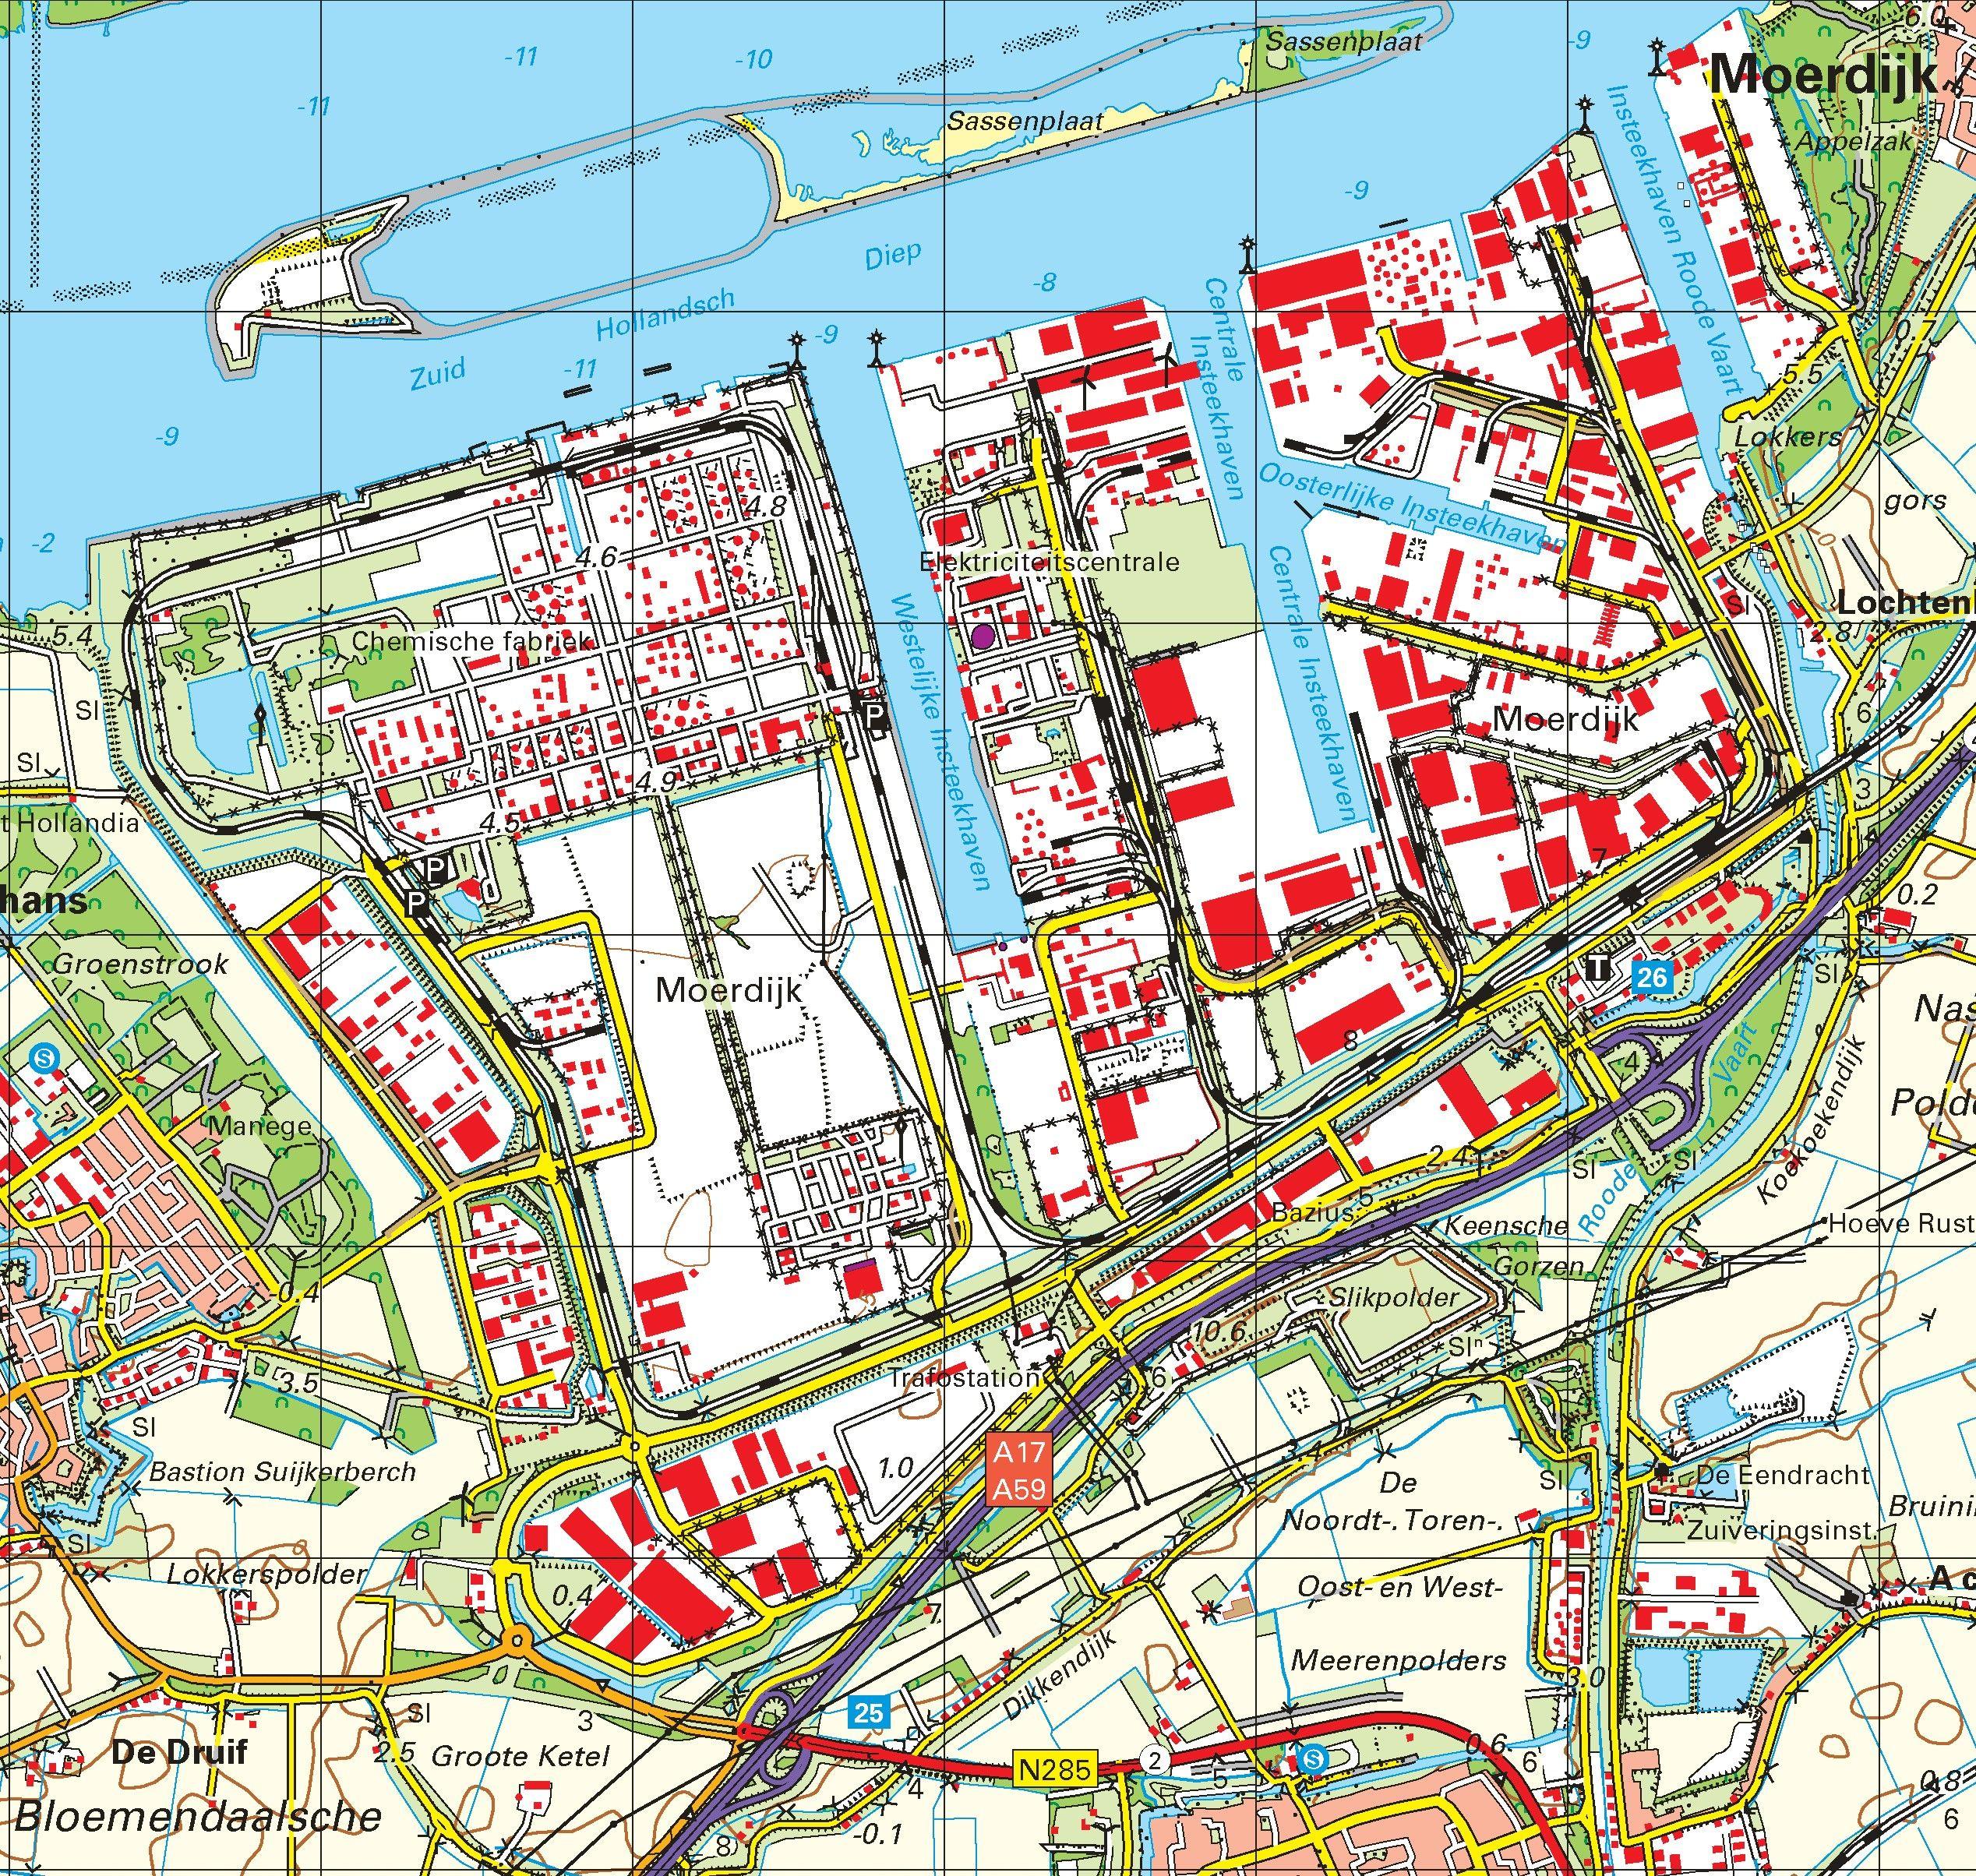 Topografische kaart schaal 1:50.000 (Dordrecht, Moerdijk, Breda, Etten-Leur, Roosendaal)